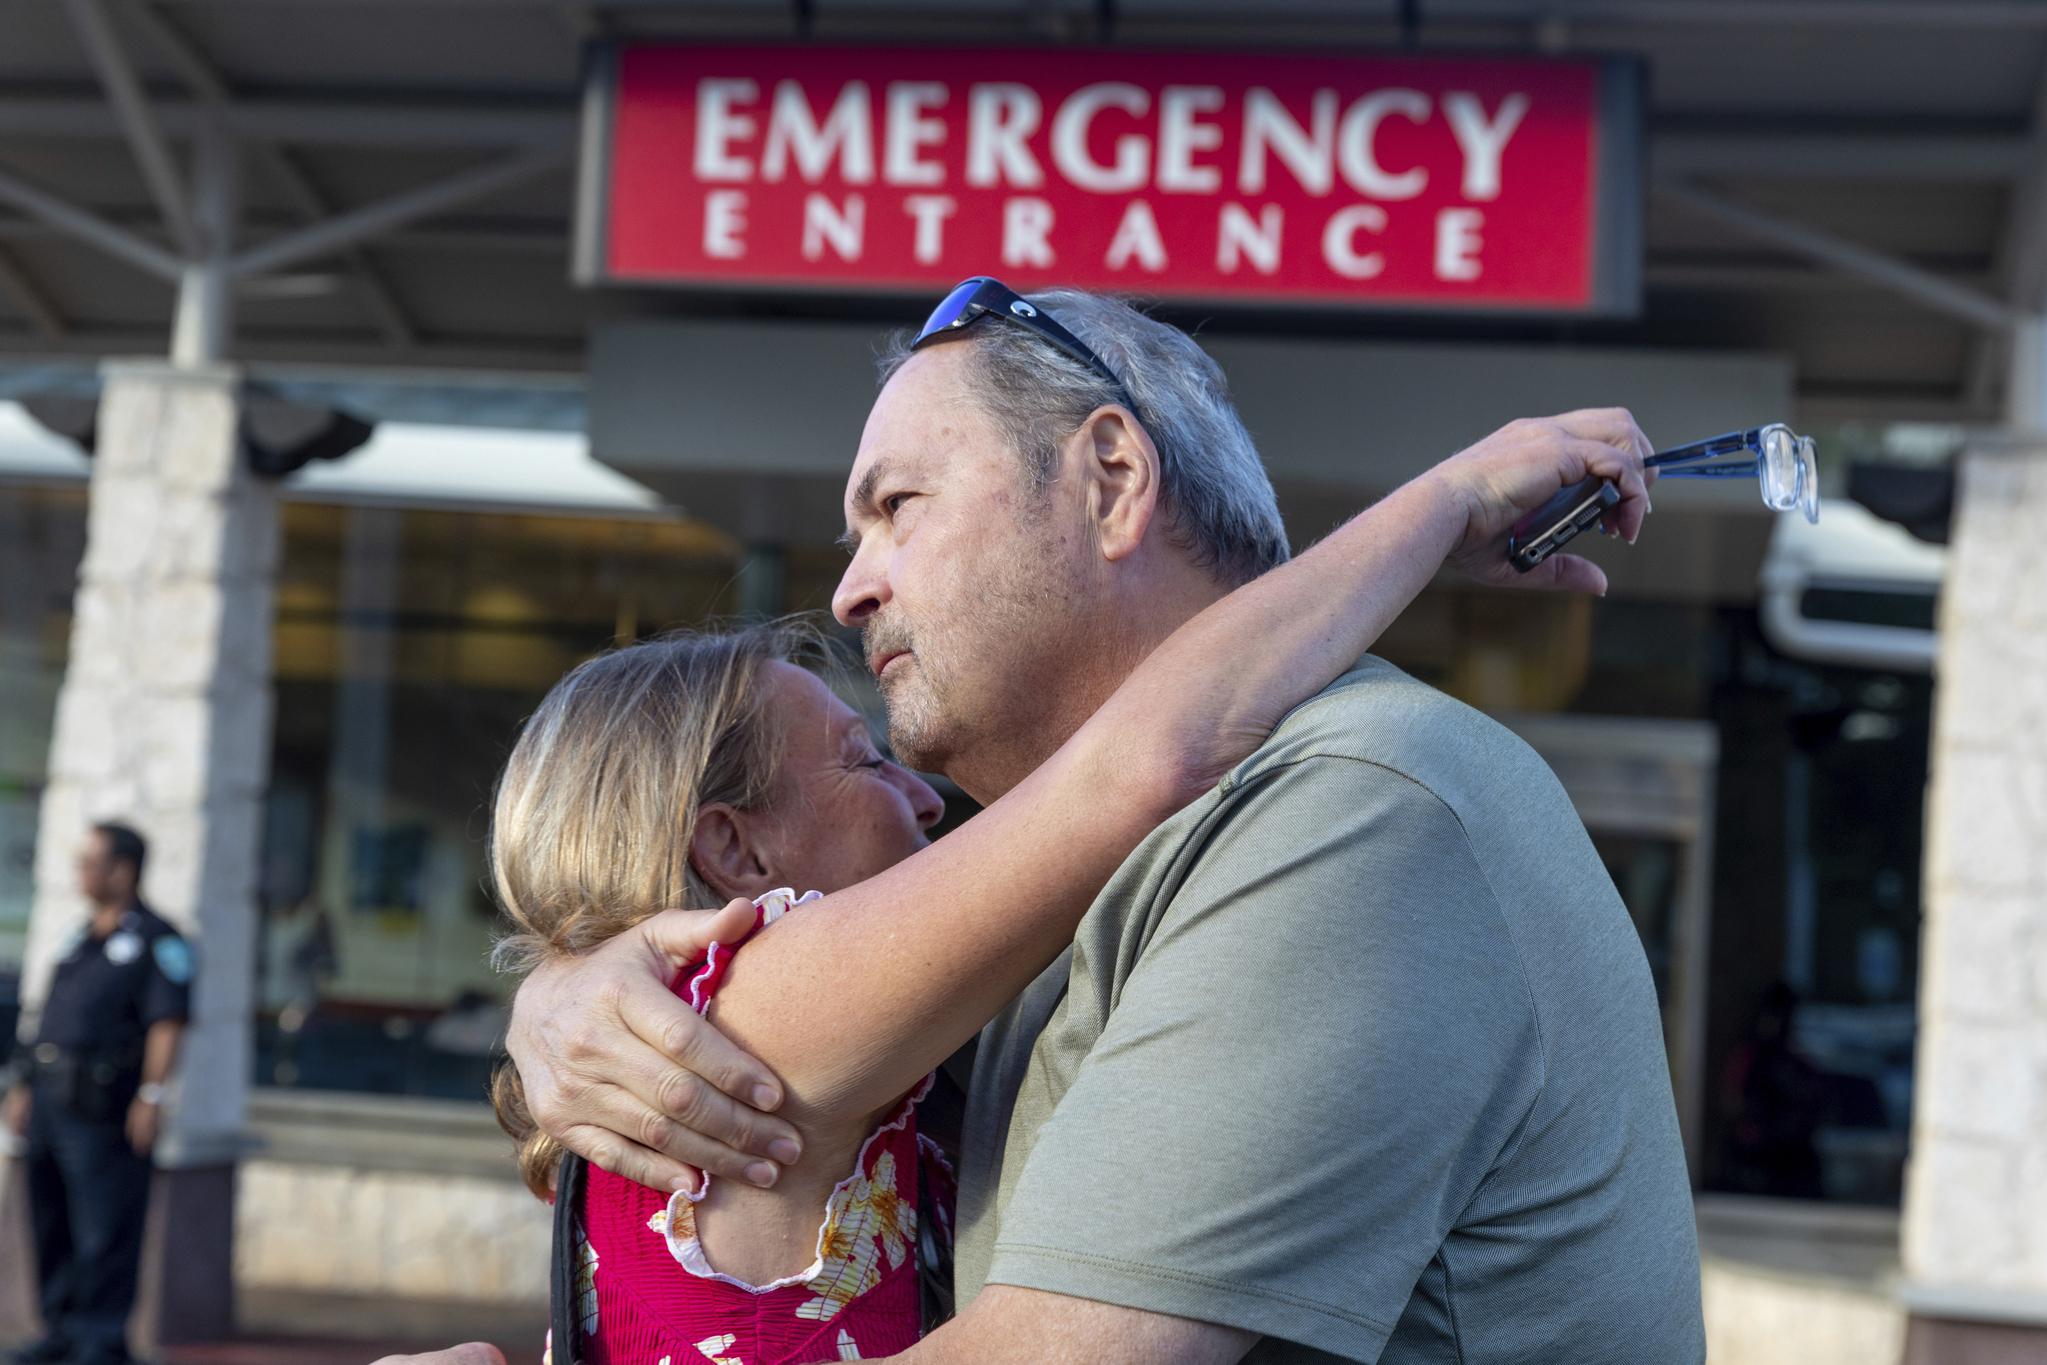 아만다 엘러의 아버지 존 엘러(오른쪽) 가 24일(현지시간) 딸의 구조 소식을 들은 뒤 지인과 기뻐하고 있다. [AP=연합뉴스]